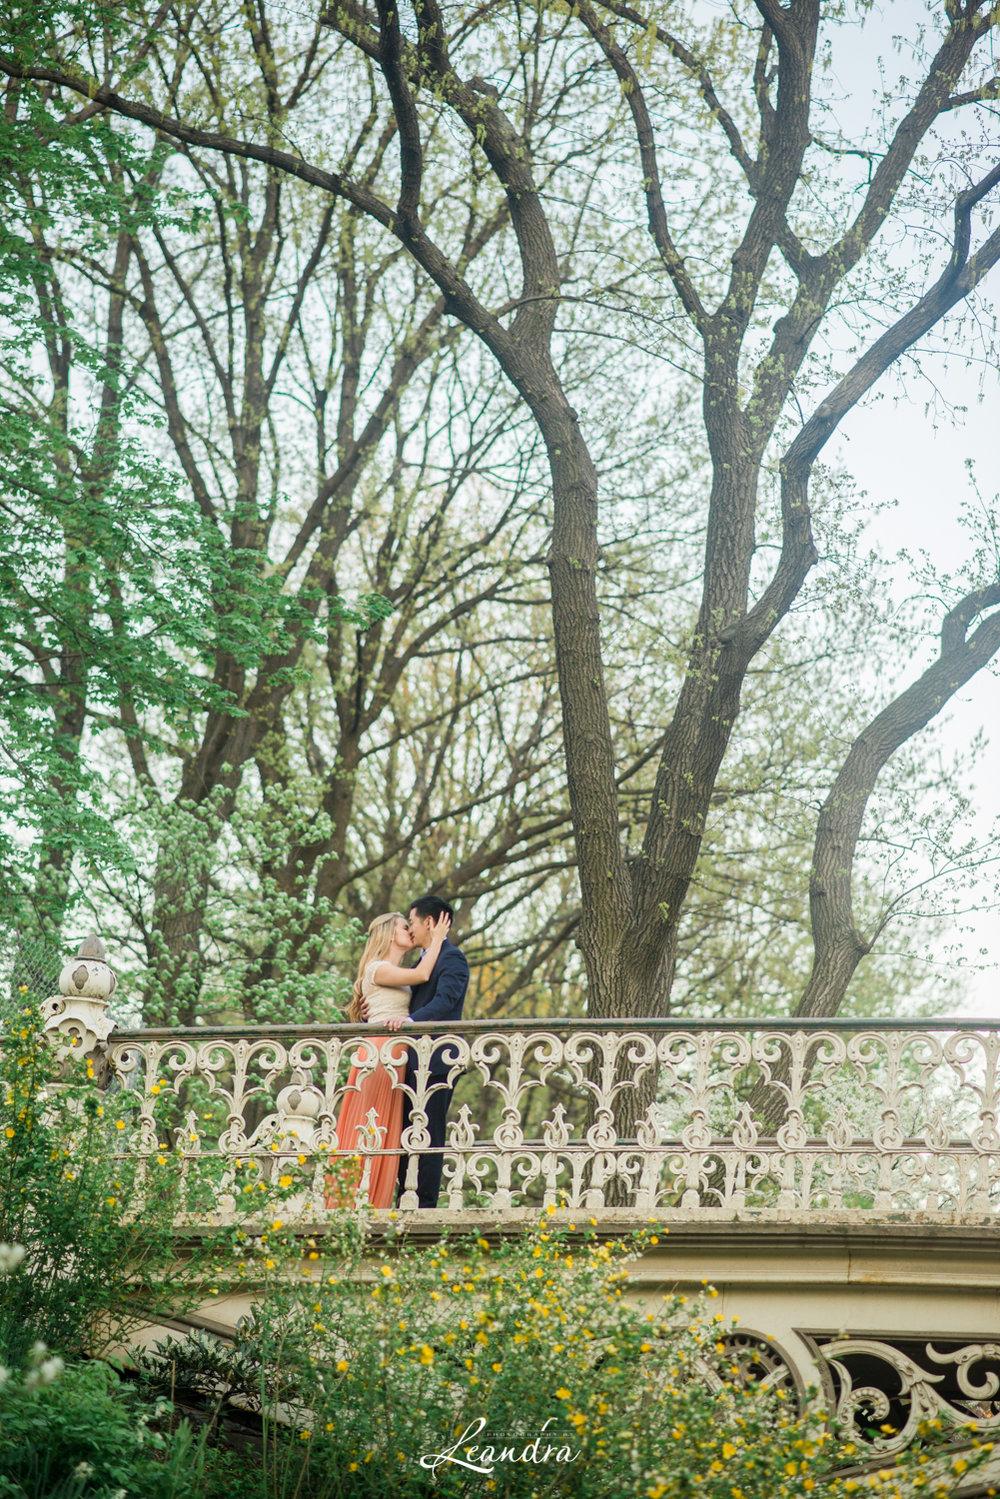 CentralParkCherryBlossoms-26.jpg